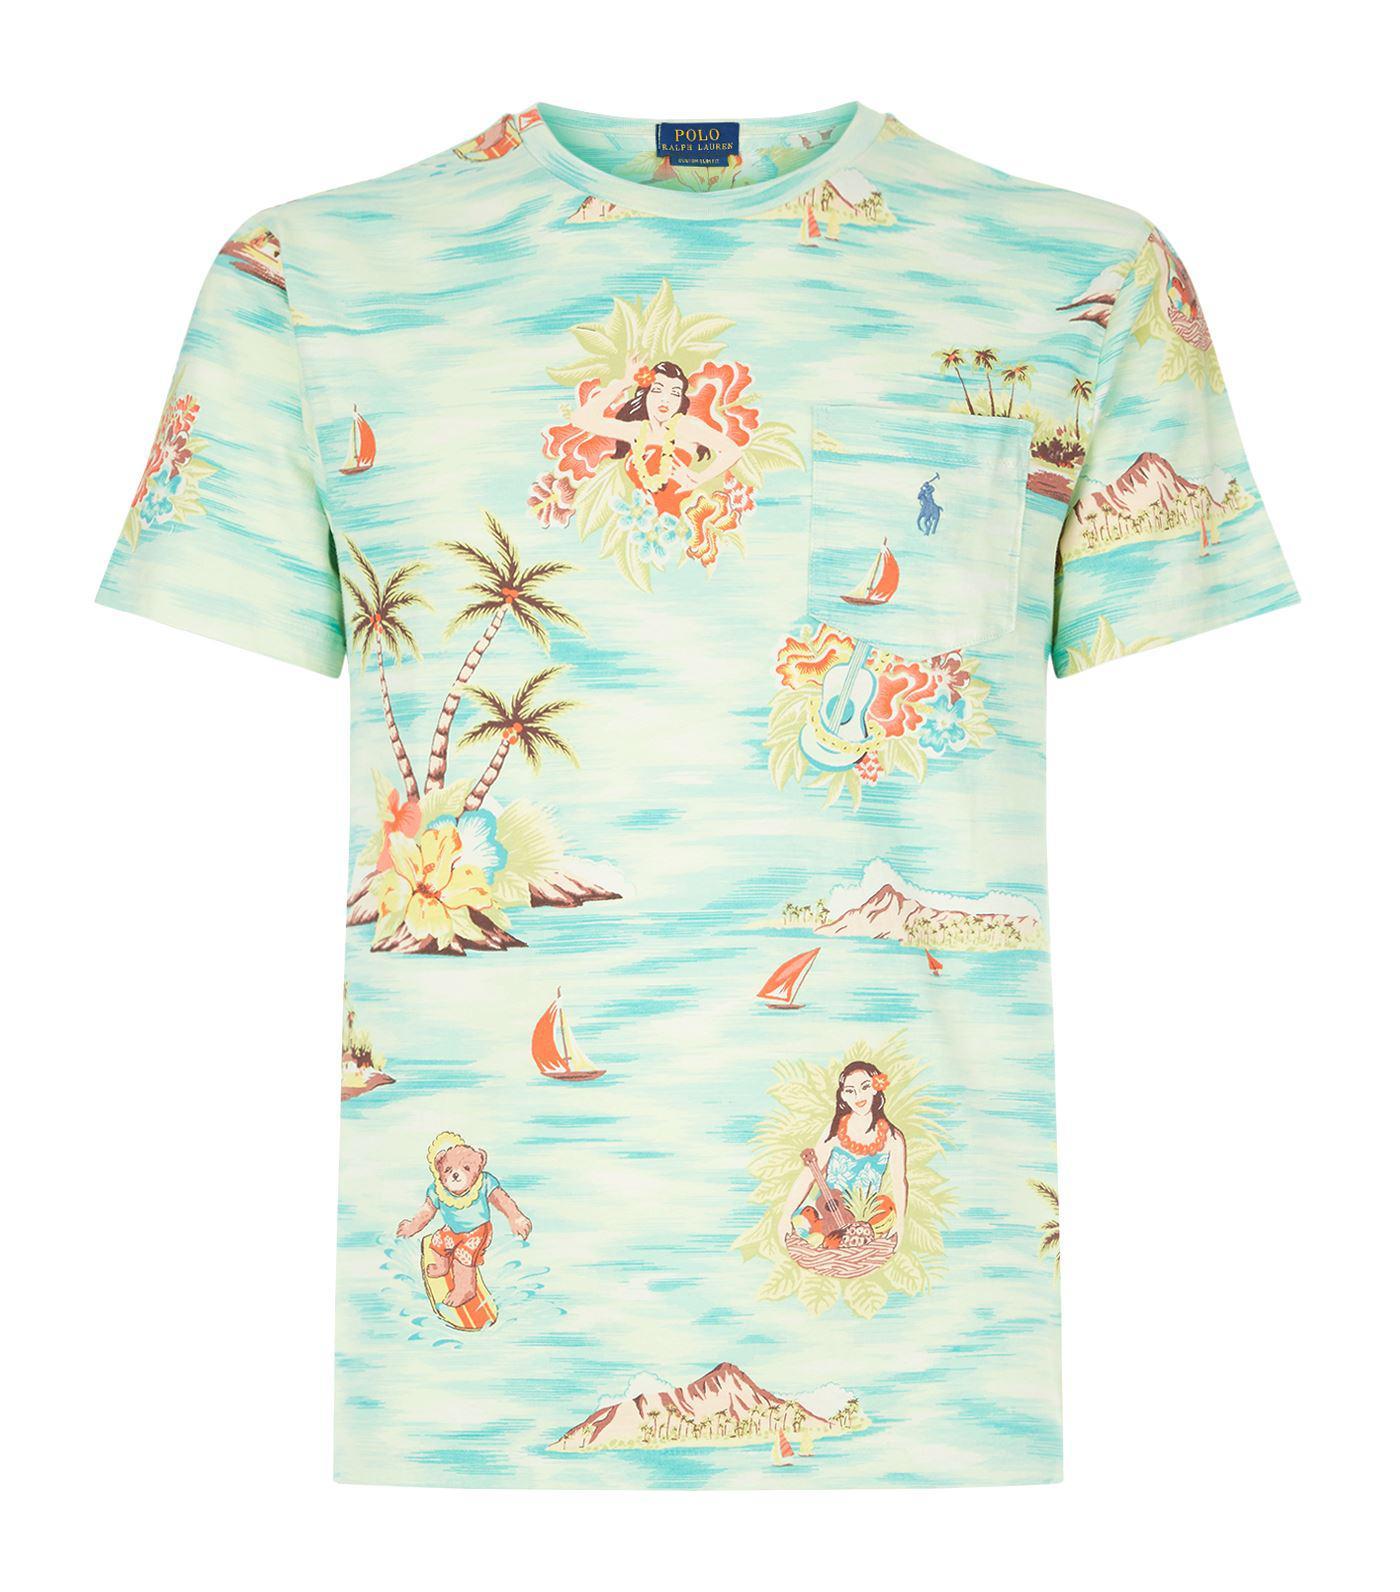 Ralph Men Hawaiian Shirt For Lyst Lauren Polo T Print Kl1cFJ